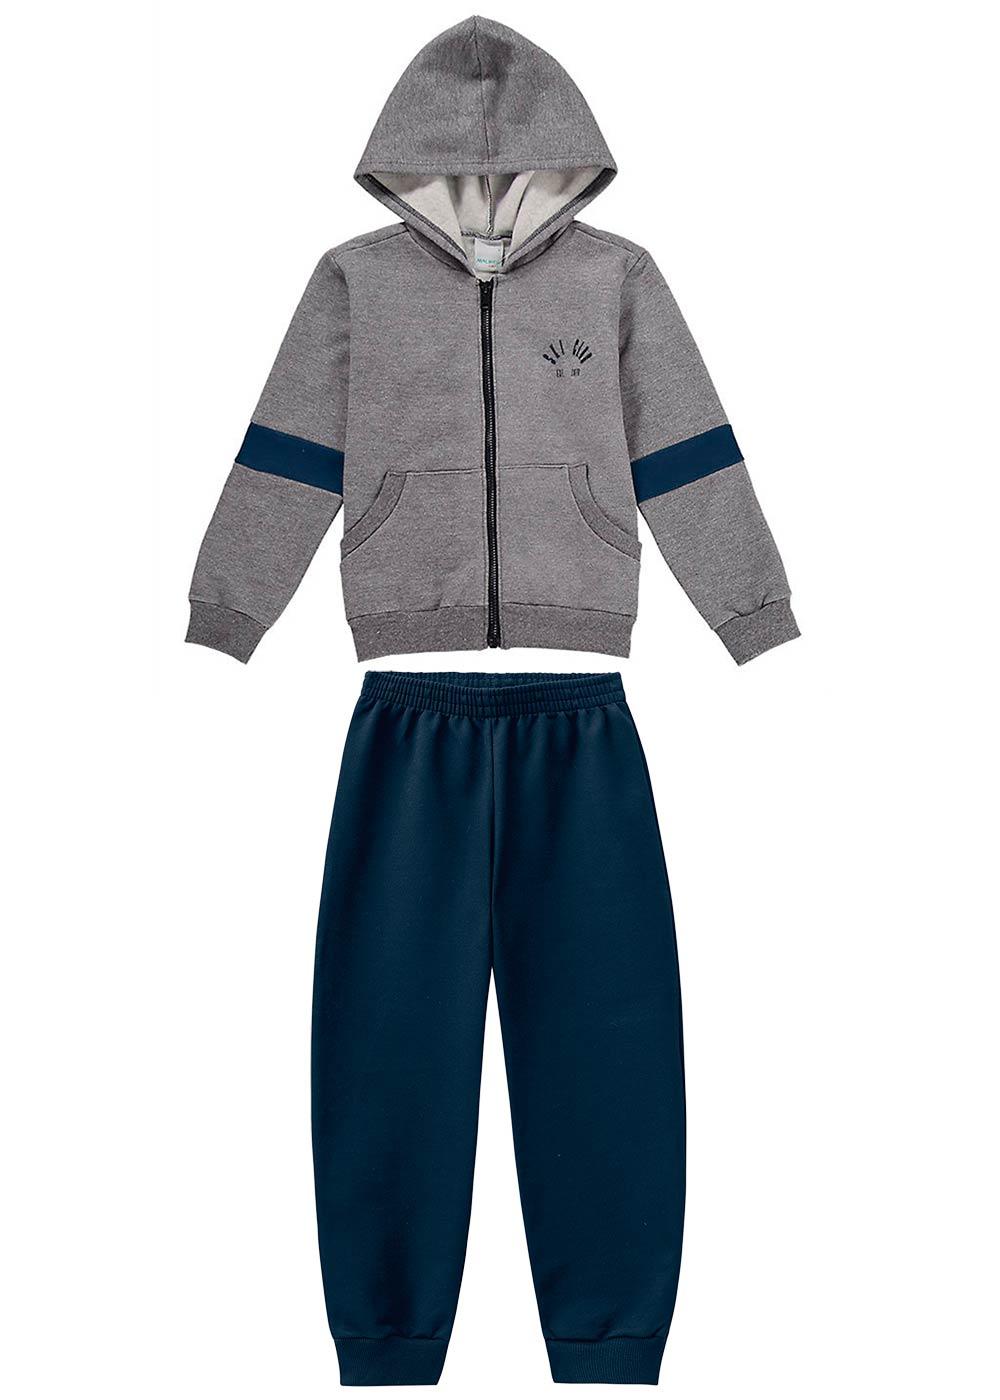 Conjunto Jaqueta e Calça Masculino Infantil Cinza Malwee